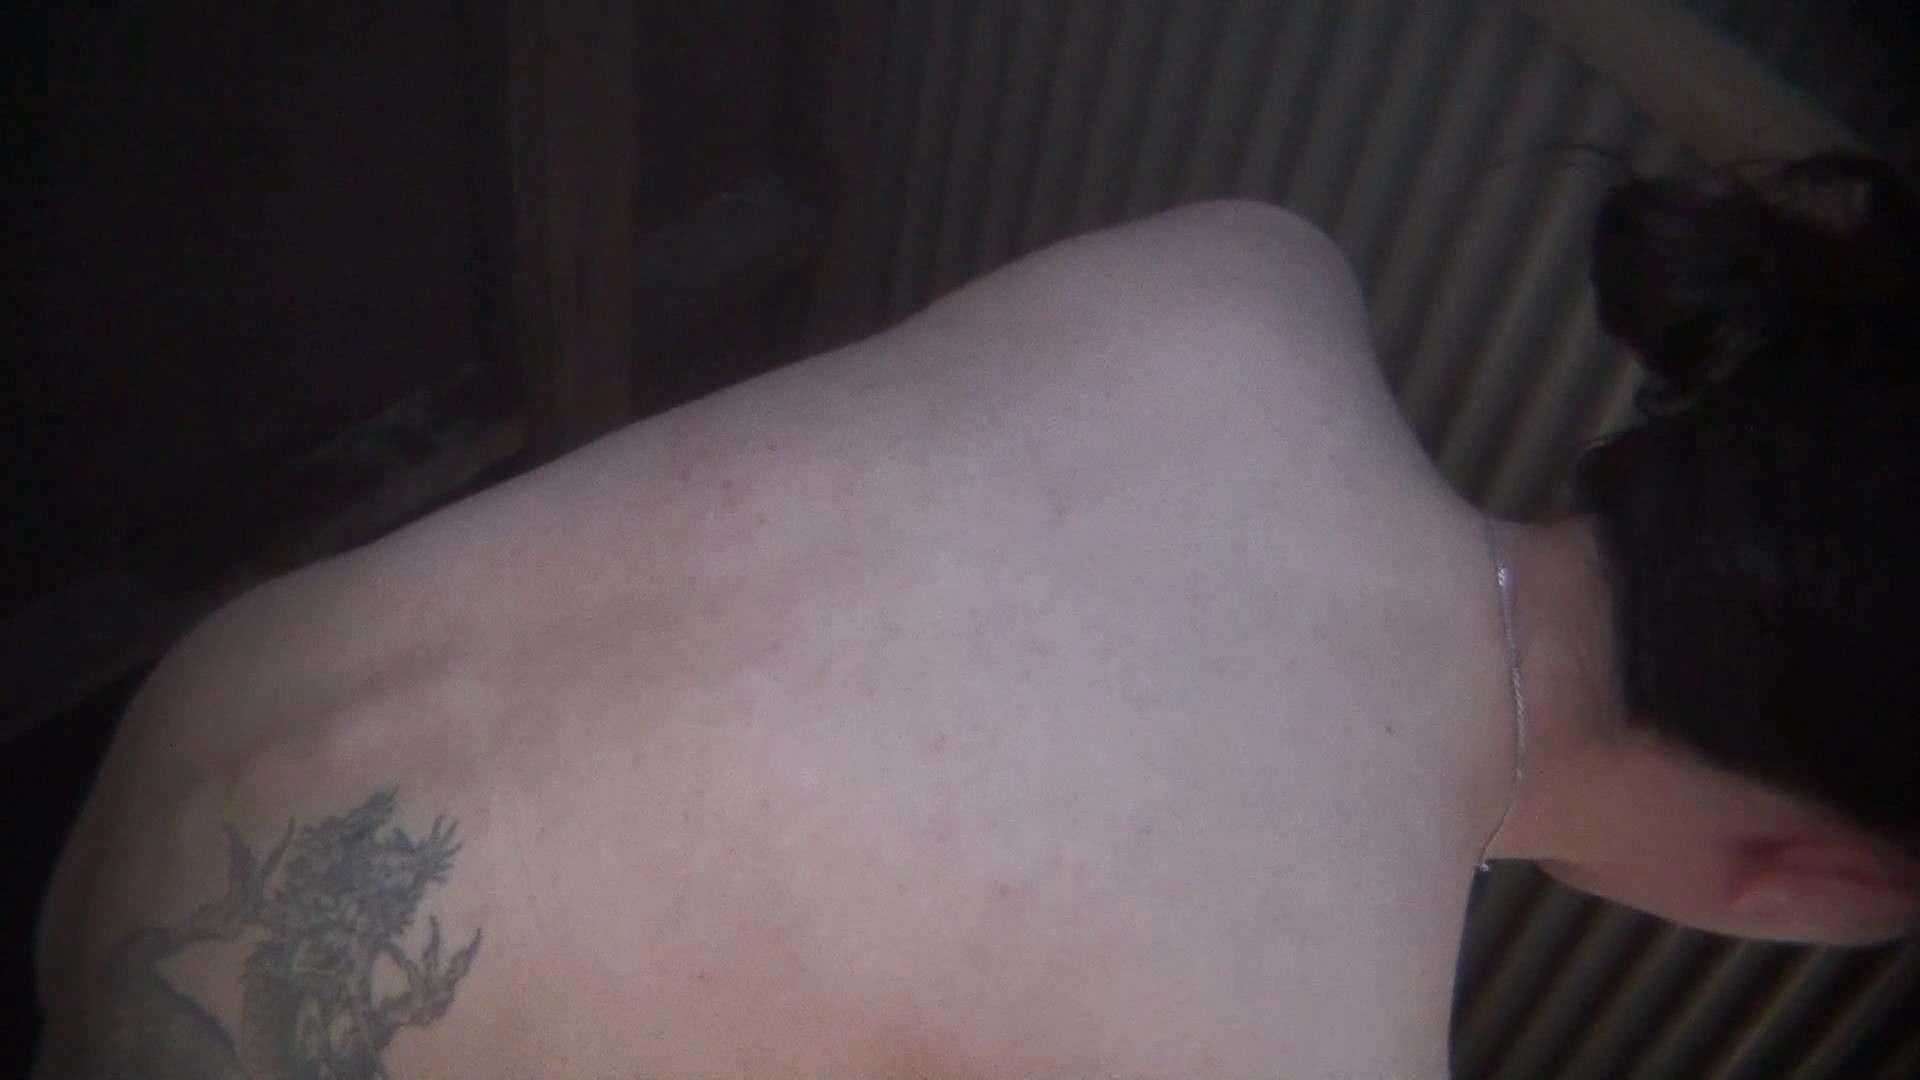 ハイビジョンVol.38 昔はやんちゃでした 高画質 盗撮セックス無修正動画無料 25pic 23